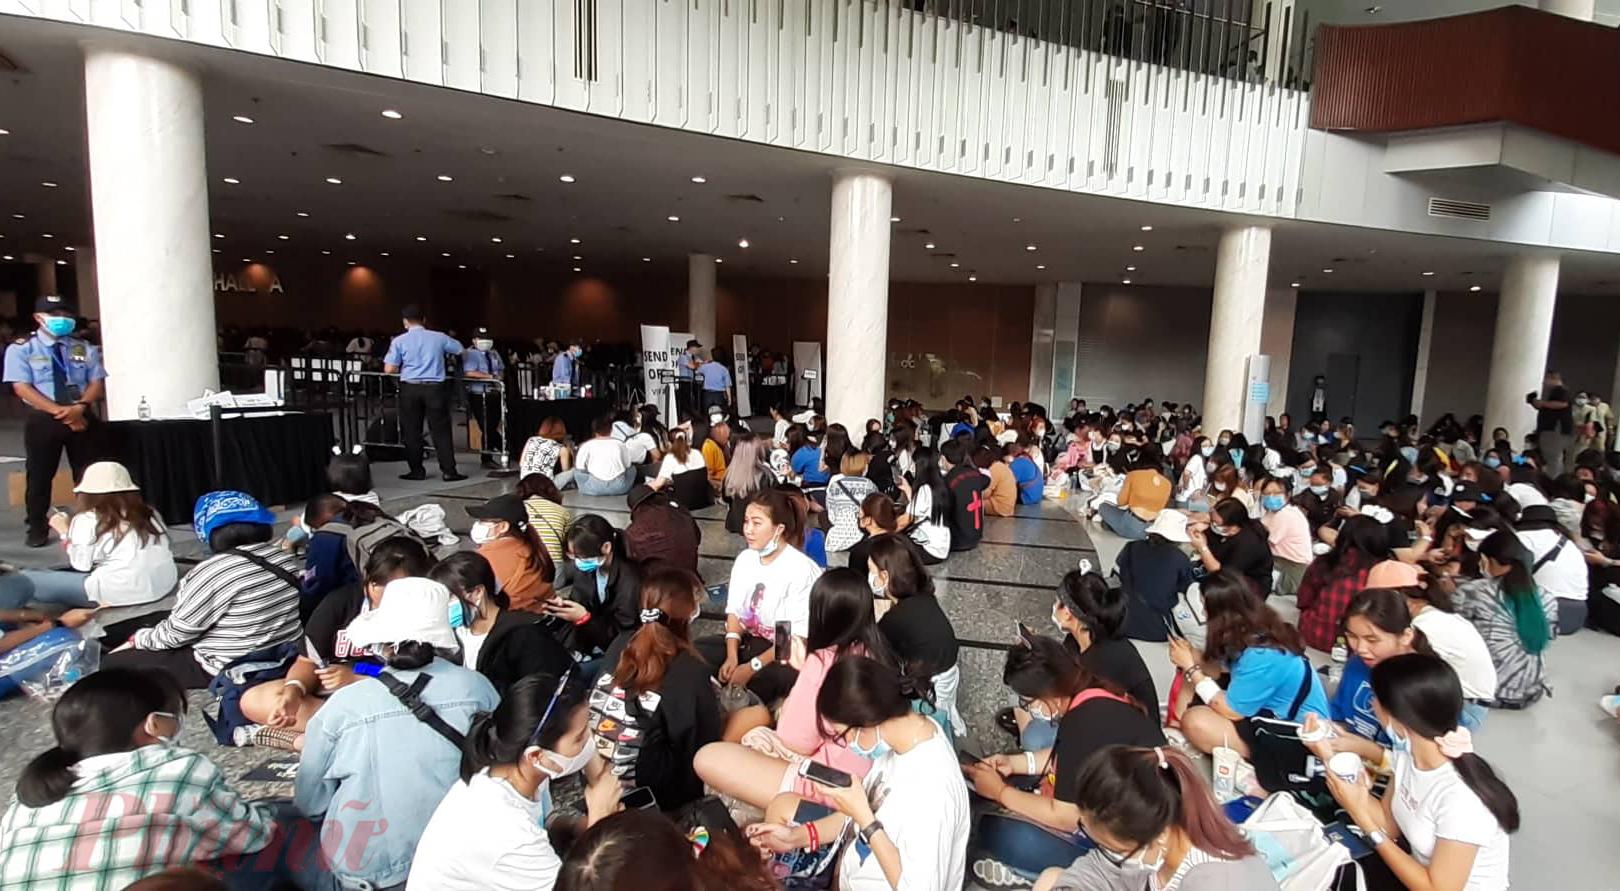 Lượng fan đổ về nơi diễn ra concert ngày càng đông